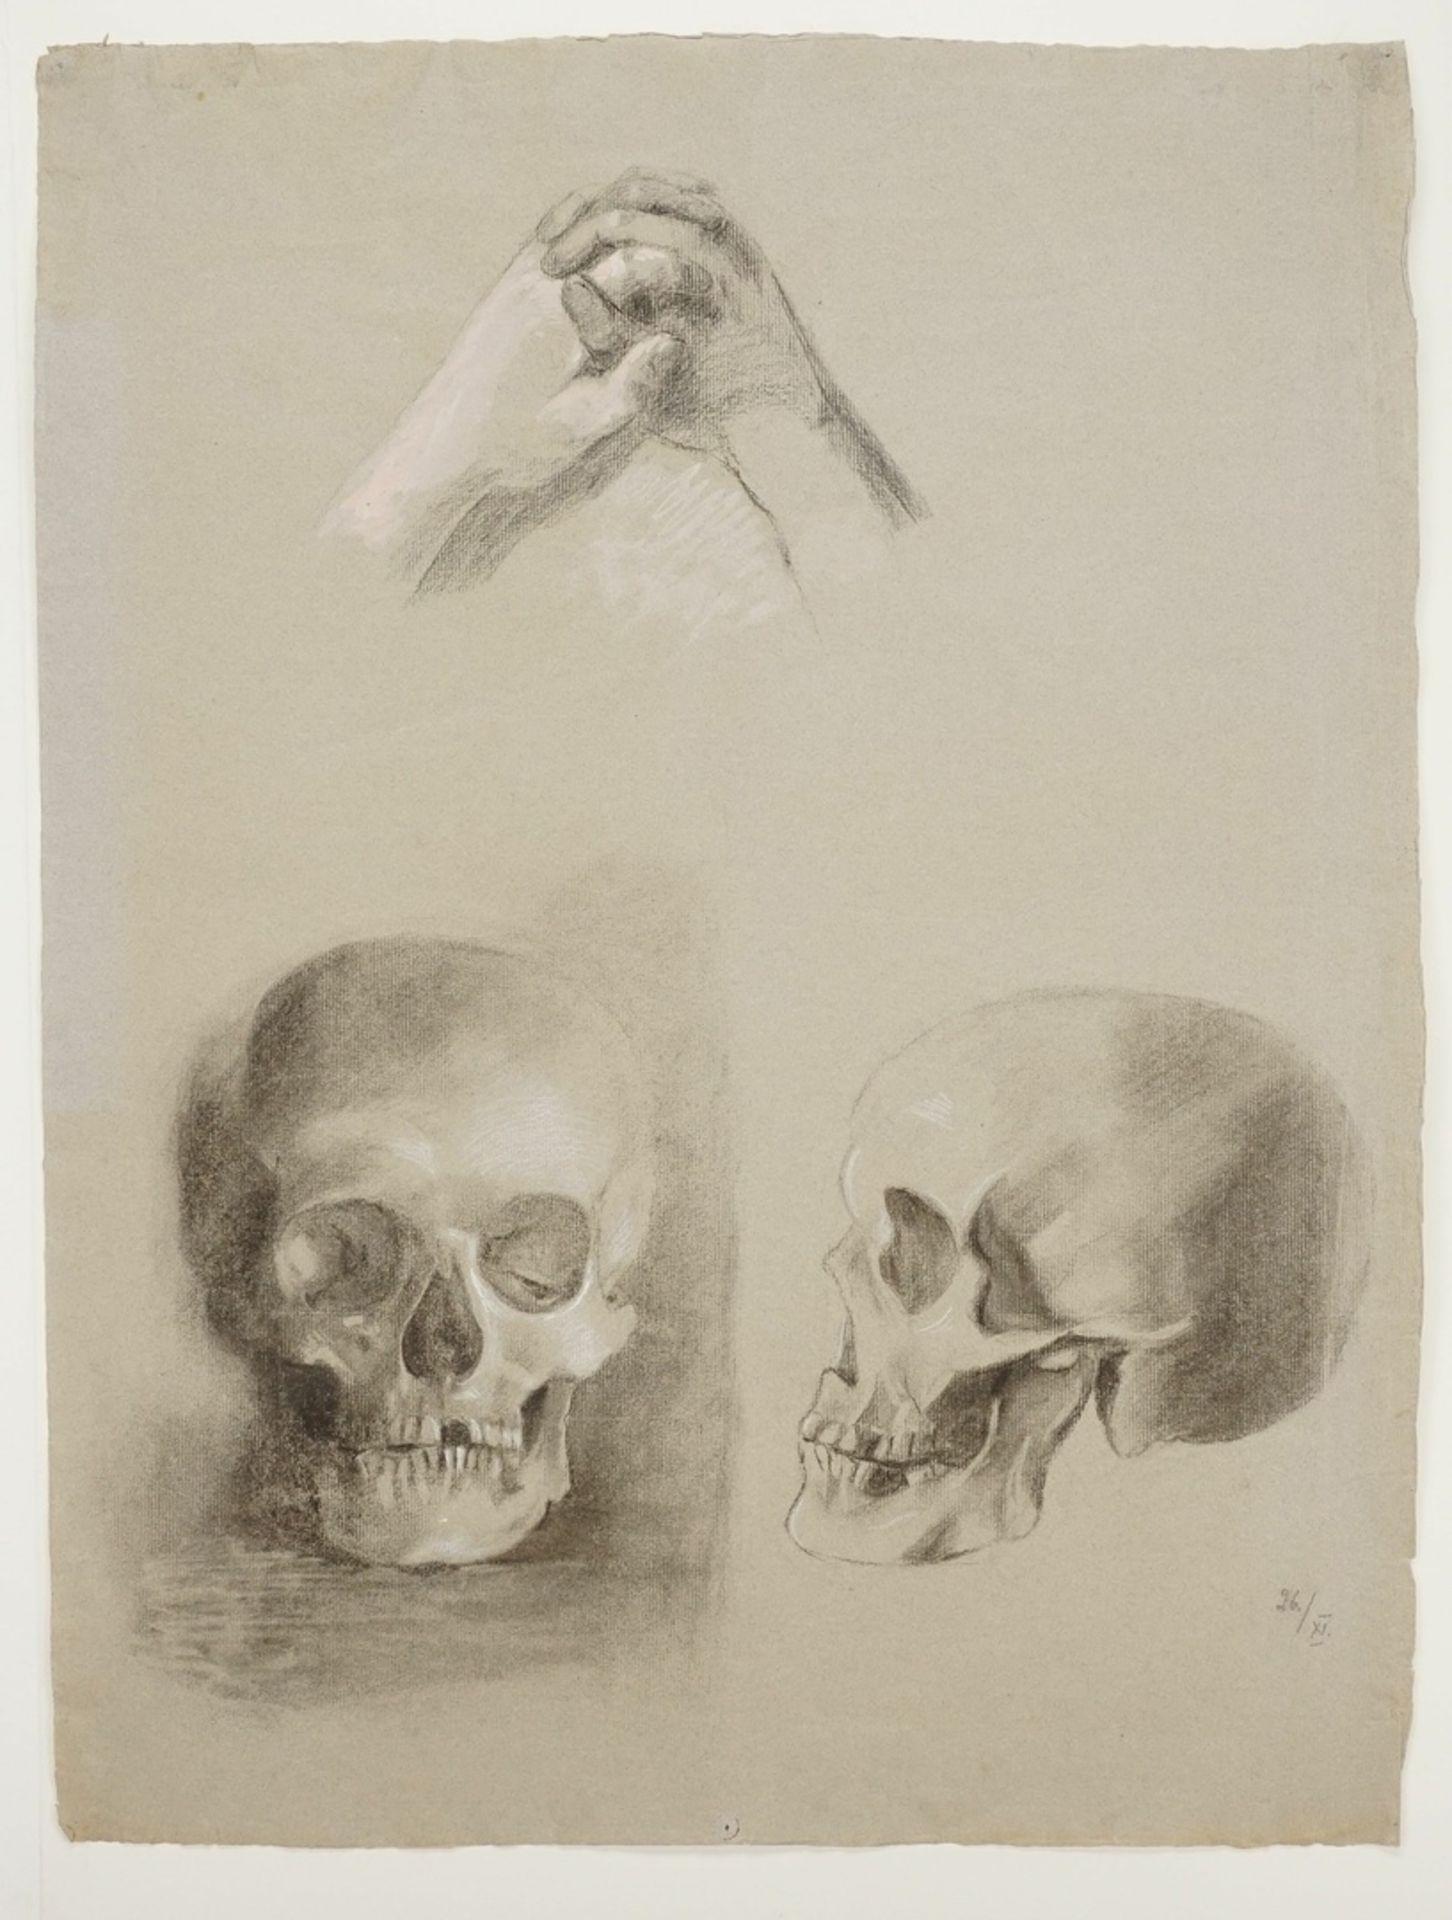 Unbekannter Künstler, Schädelstudien - Bild 2 aus 2